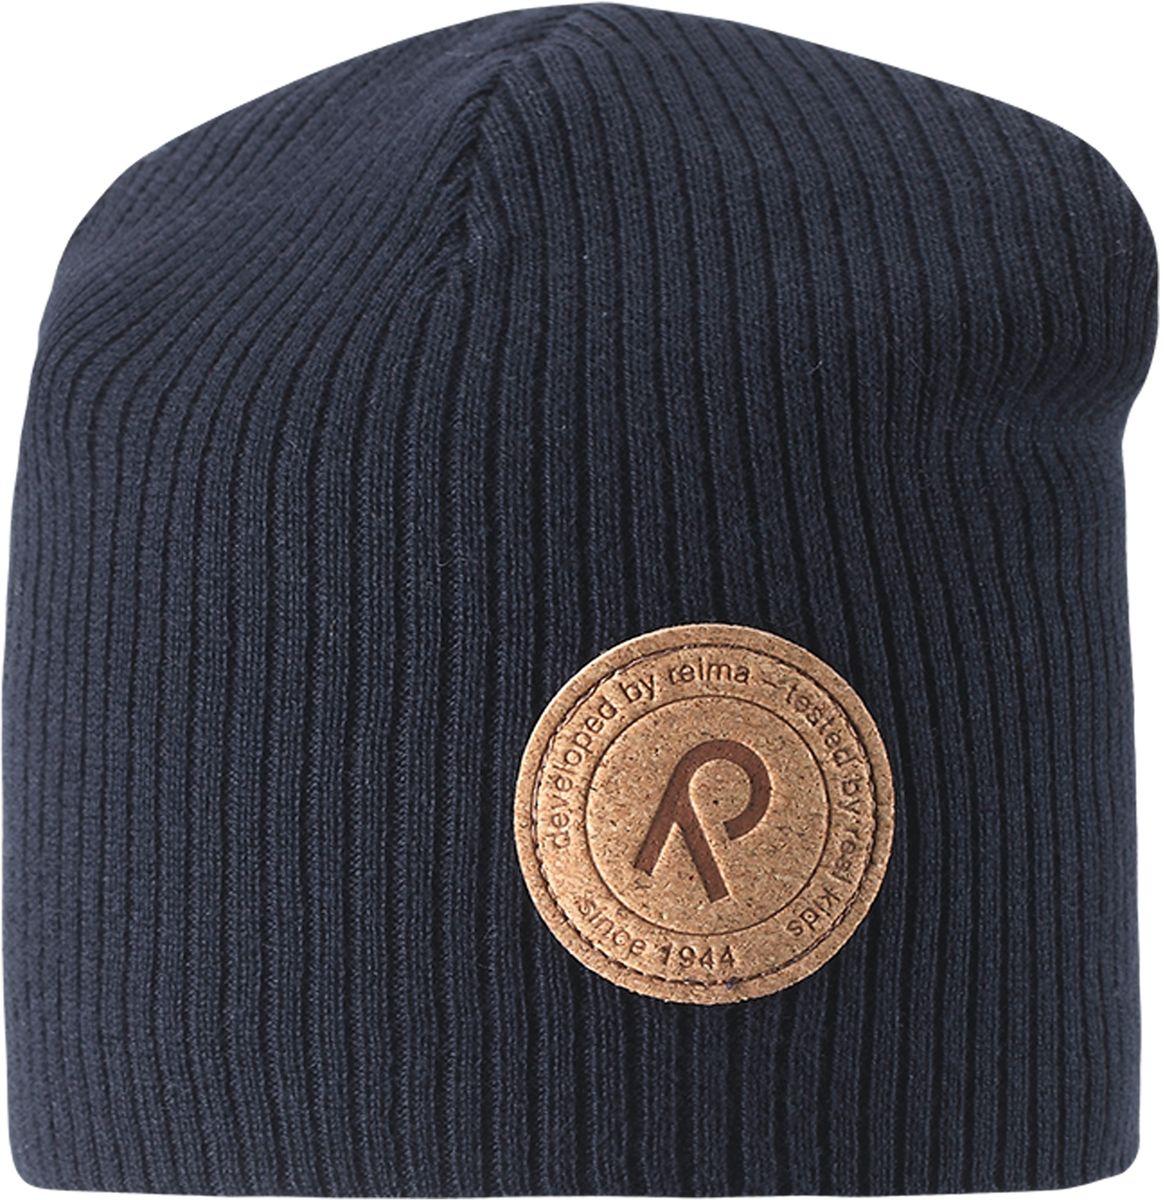 Шапка детская Reima Majakka, цвет: темно-синий. 5285266980. Размер 505285266980Детская шапка прекрасно подойдет для весенней поры. Она изготовлена из эластичного и легкого вязаного хлопка, мягкого и приятного на ощупь. Материал сертифицирован по стандарту Oeko-Tex. Удлиненная модель с подкладкой. Шапка смотрится ярко и стильно то, что надо для прогулки!